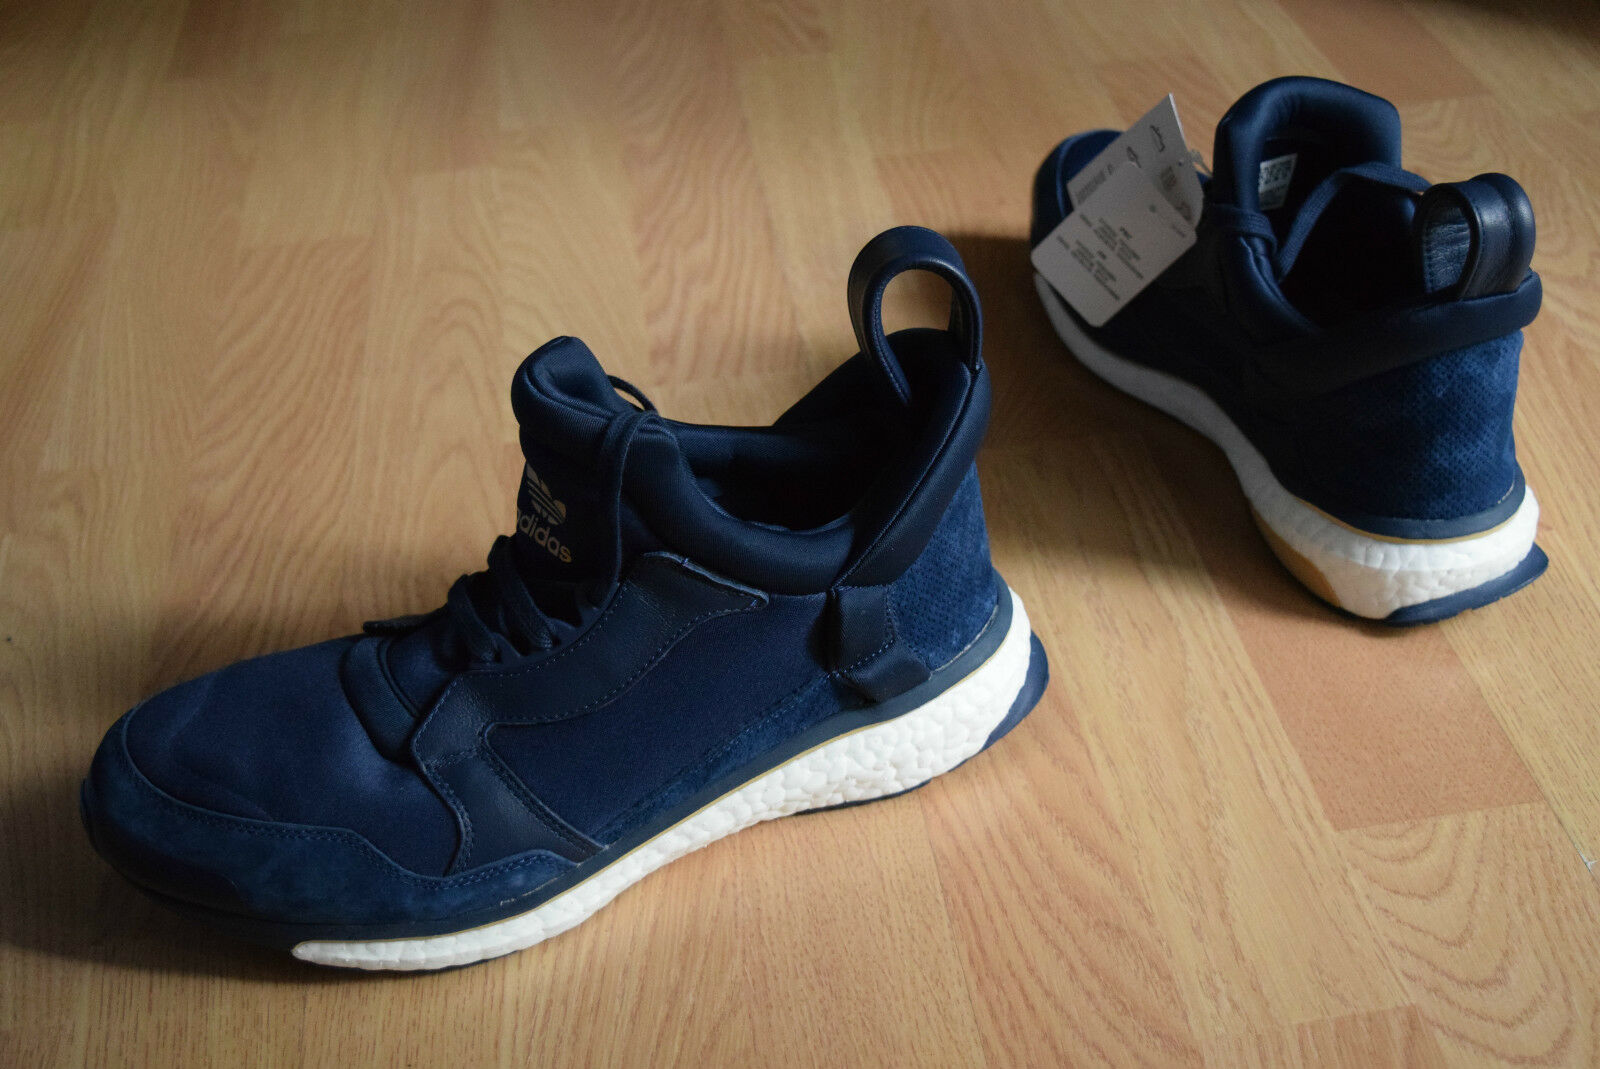 Adidas Blau Boost 40 41 45 42 43 44 44,5 45 41 46 47 S81487  cOnSorTium nmd r1 ZX 8000 754a4e